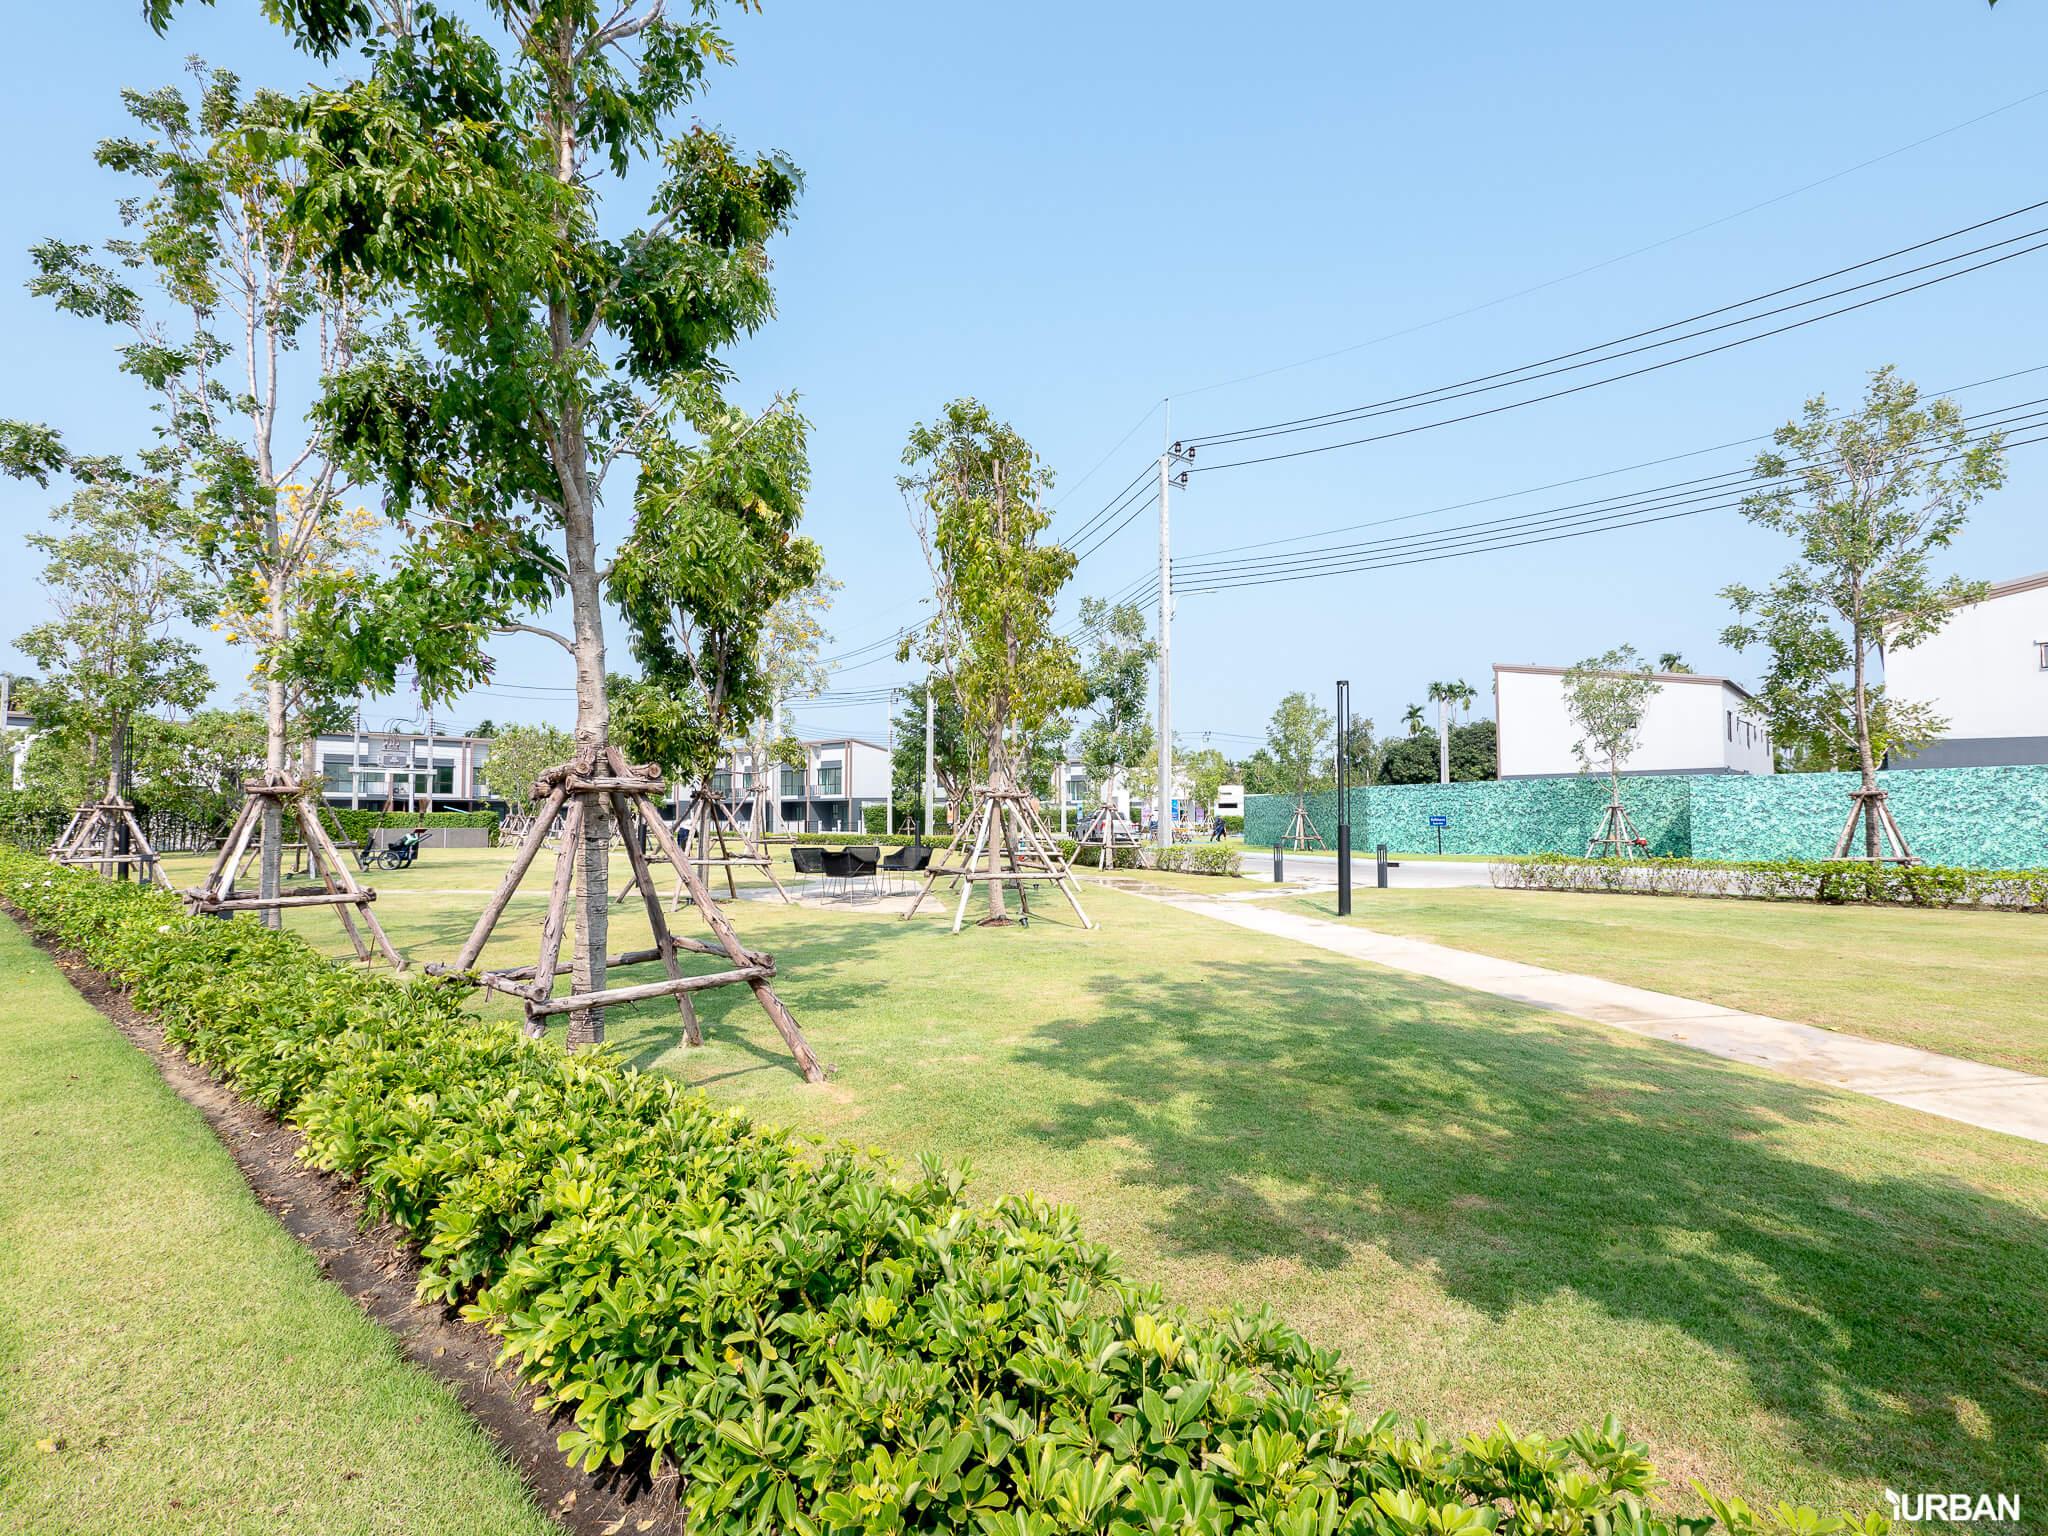 7 โครงการบ้านเอพีช่วยผ่อน 30 เดือน สุขสวัสดิ์-ประชาอุทิศ เข้าเมืองง่าย ทาวน์โฮม-บ้าน เริ่ม 1.99 ล้าน 267 - AP (Thailand) - เอพี (ไทยแลนด์)